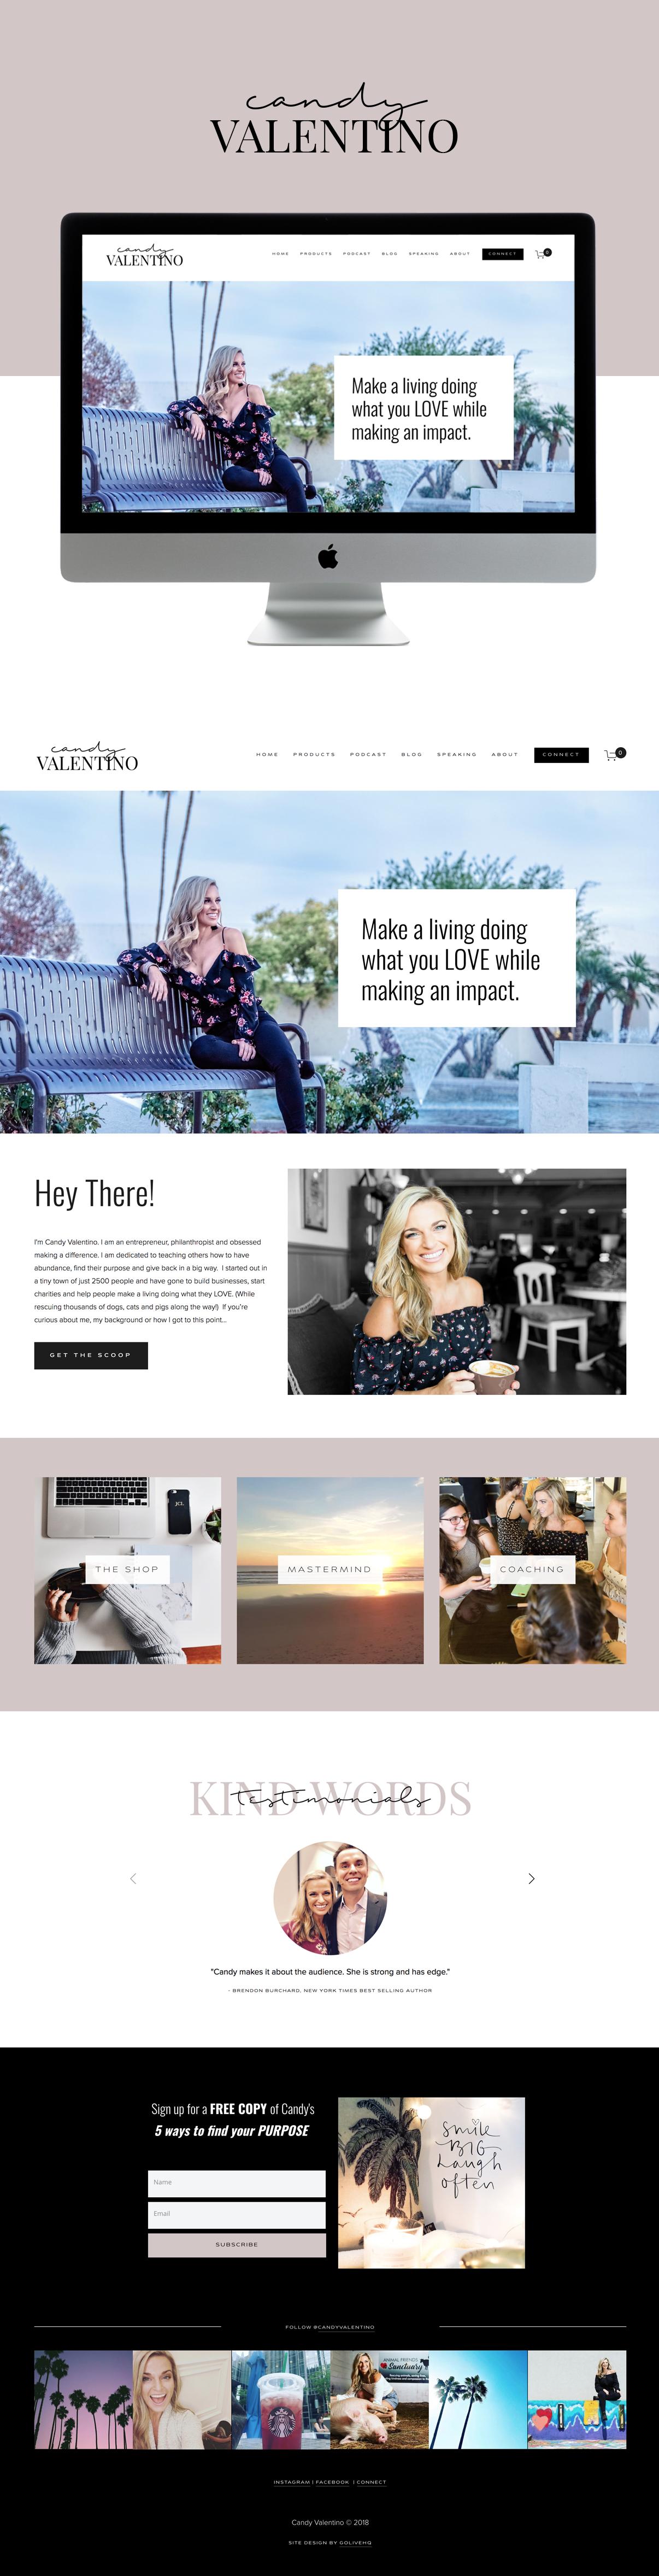 High-End, Modern Website Design for Entrepreneur | Design by Go Live HQ